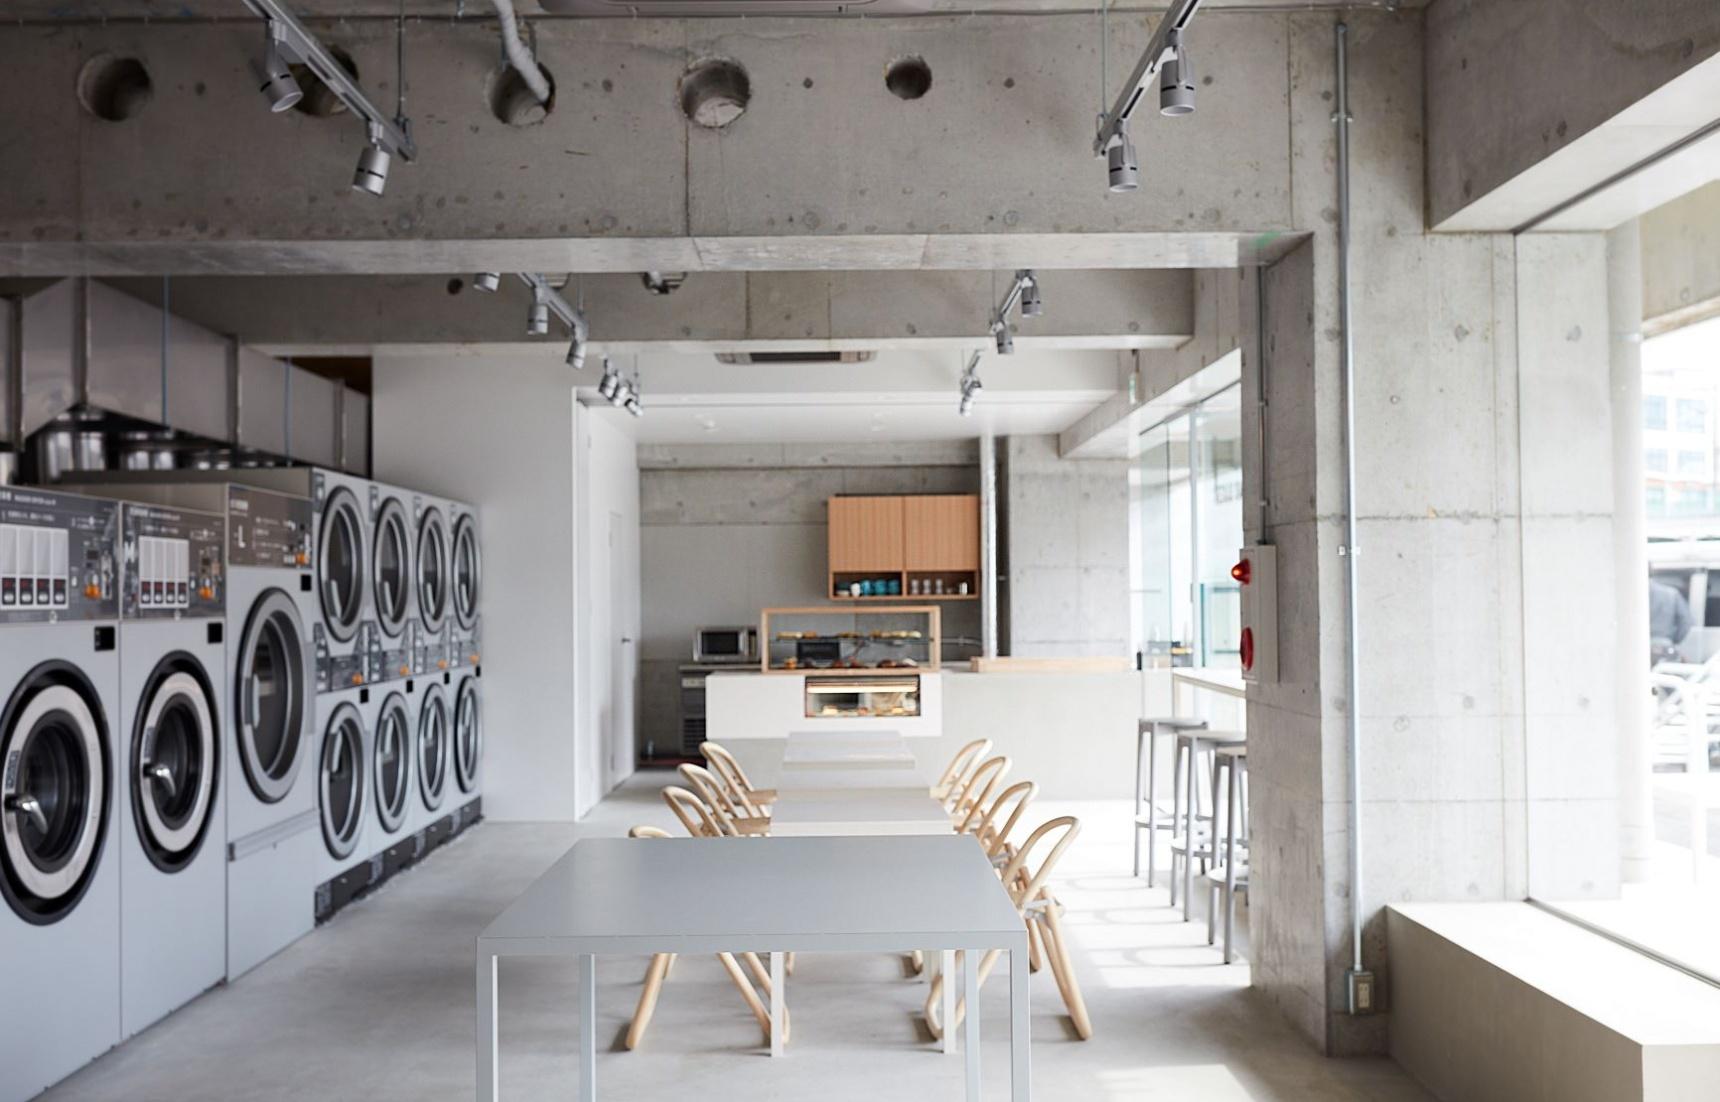 休闲便利环境佳:玩跨界的日本自助洗衣店,开启生活新模式!